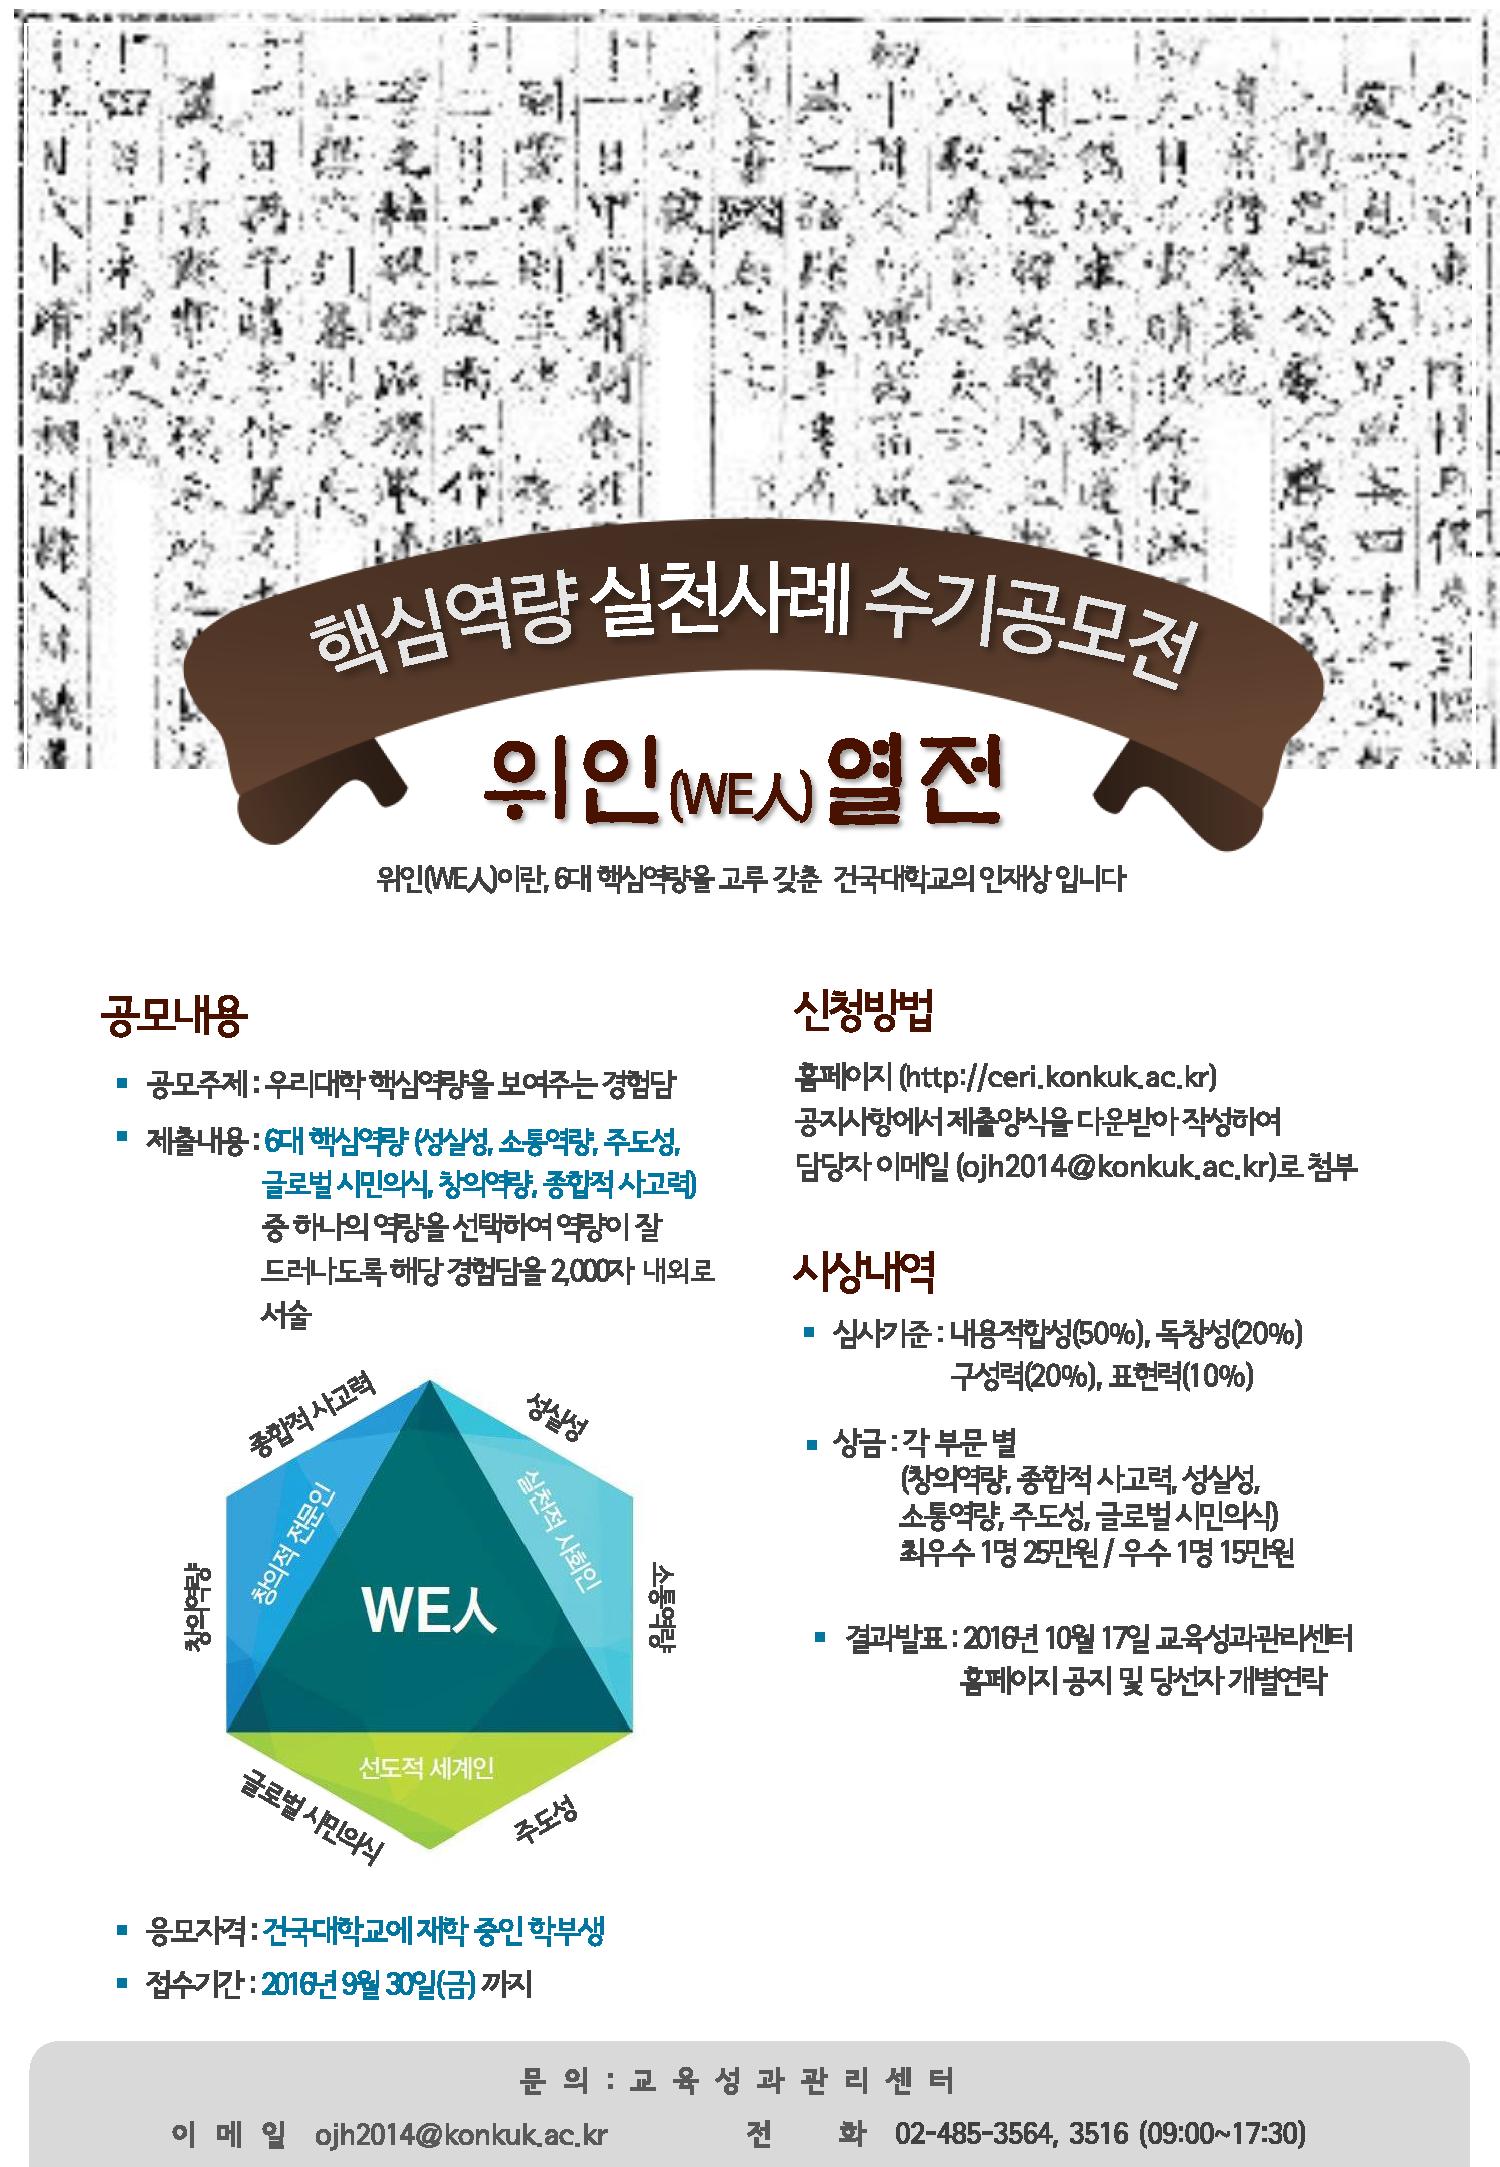 제 2회 위인열전 포스터.png